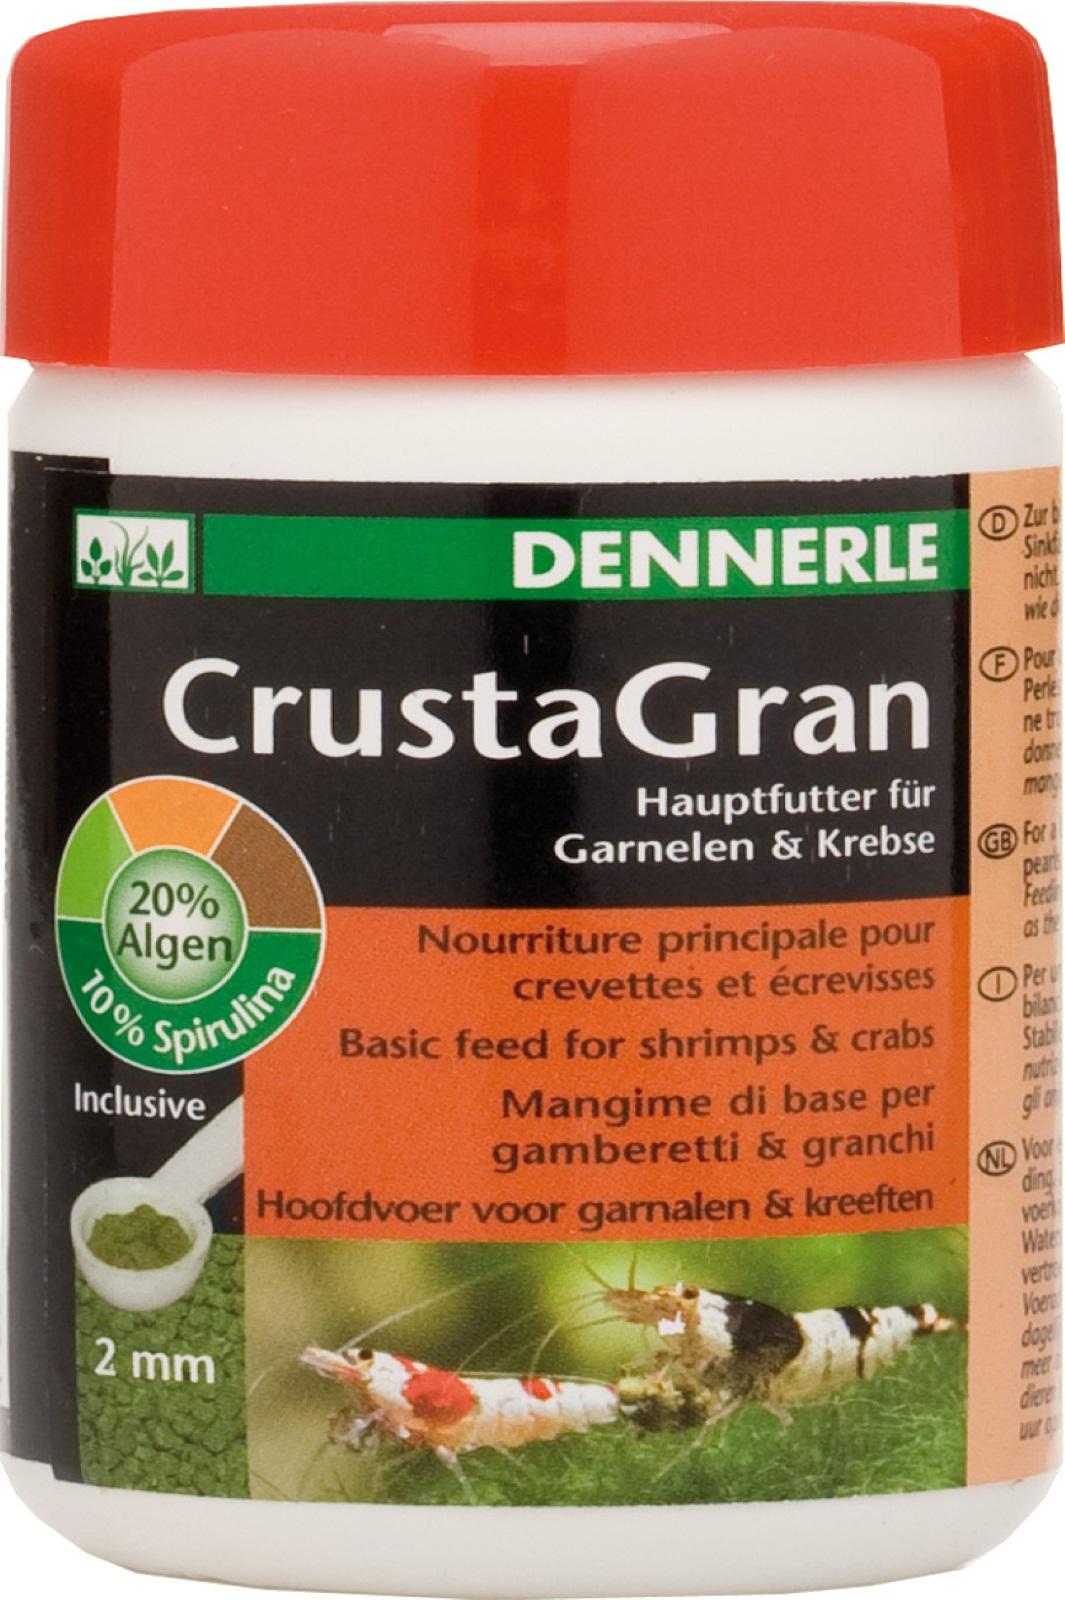 CrustaGran Hauptfutter für Garnelen und Krebse Granulatfutter 100 ml